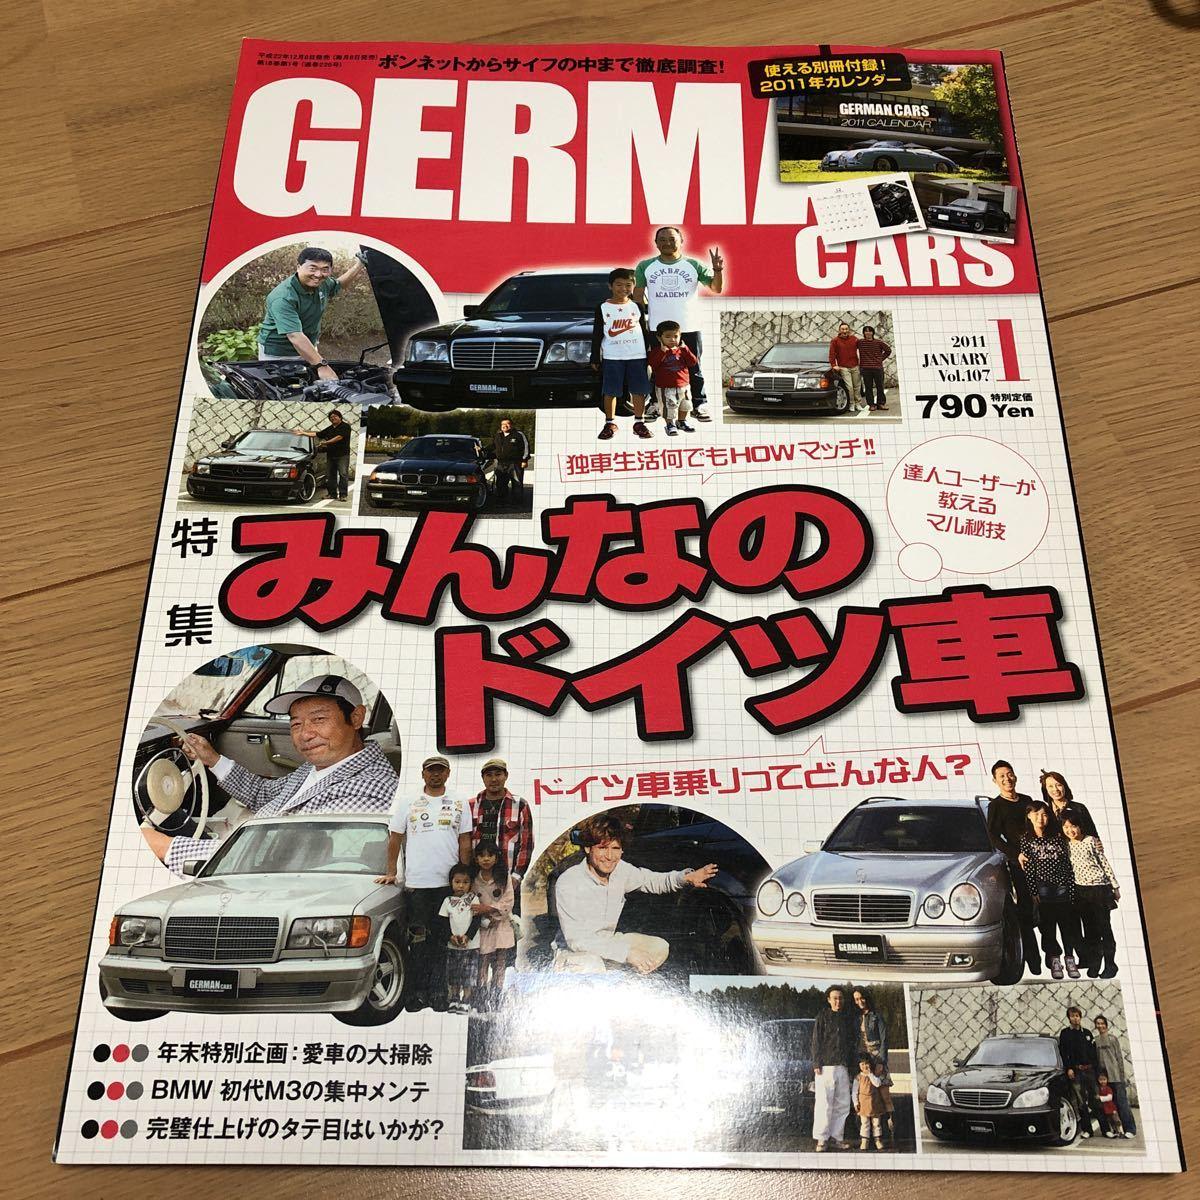 送料370円 German cars ジャーマン カーズ ドイツ車 メルセデス ベンツ BMW 2011 1 107 付録なし_画像1